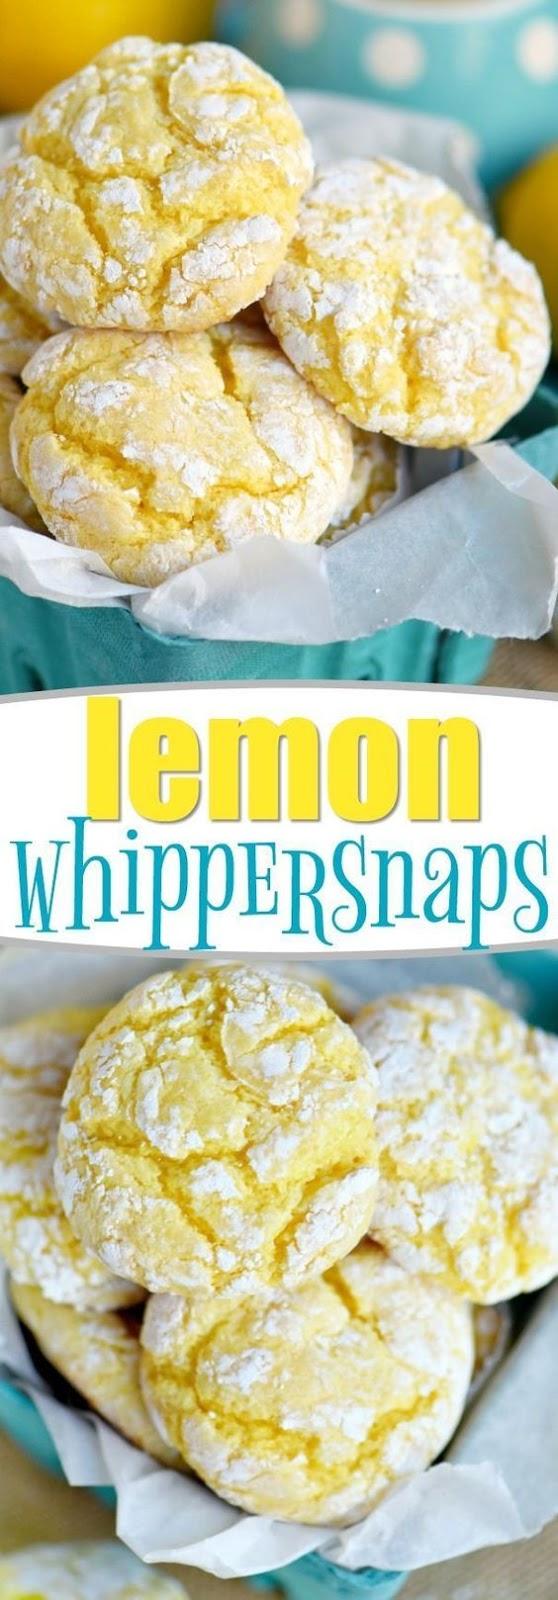 Lemon Whippersnaps Recipe